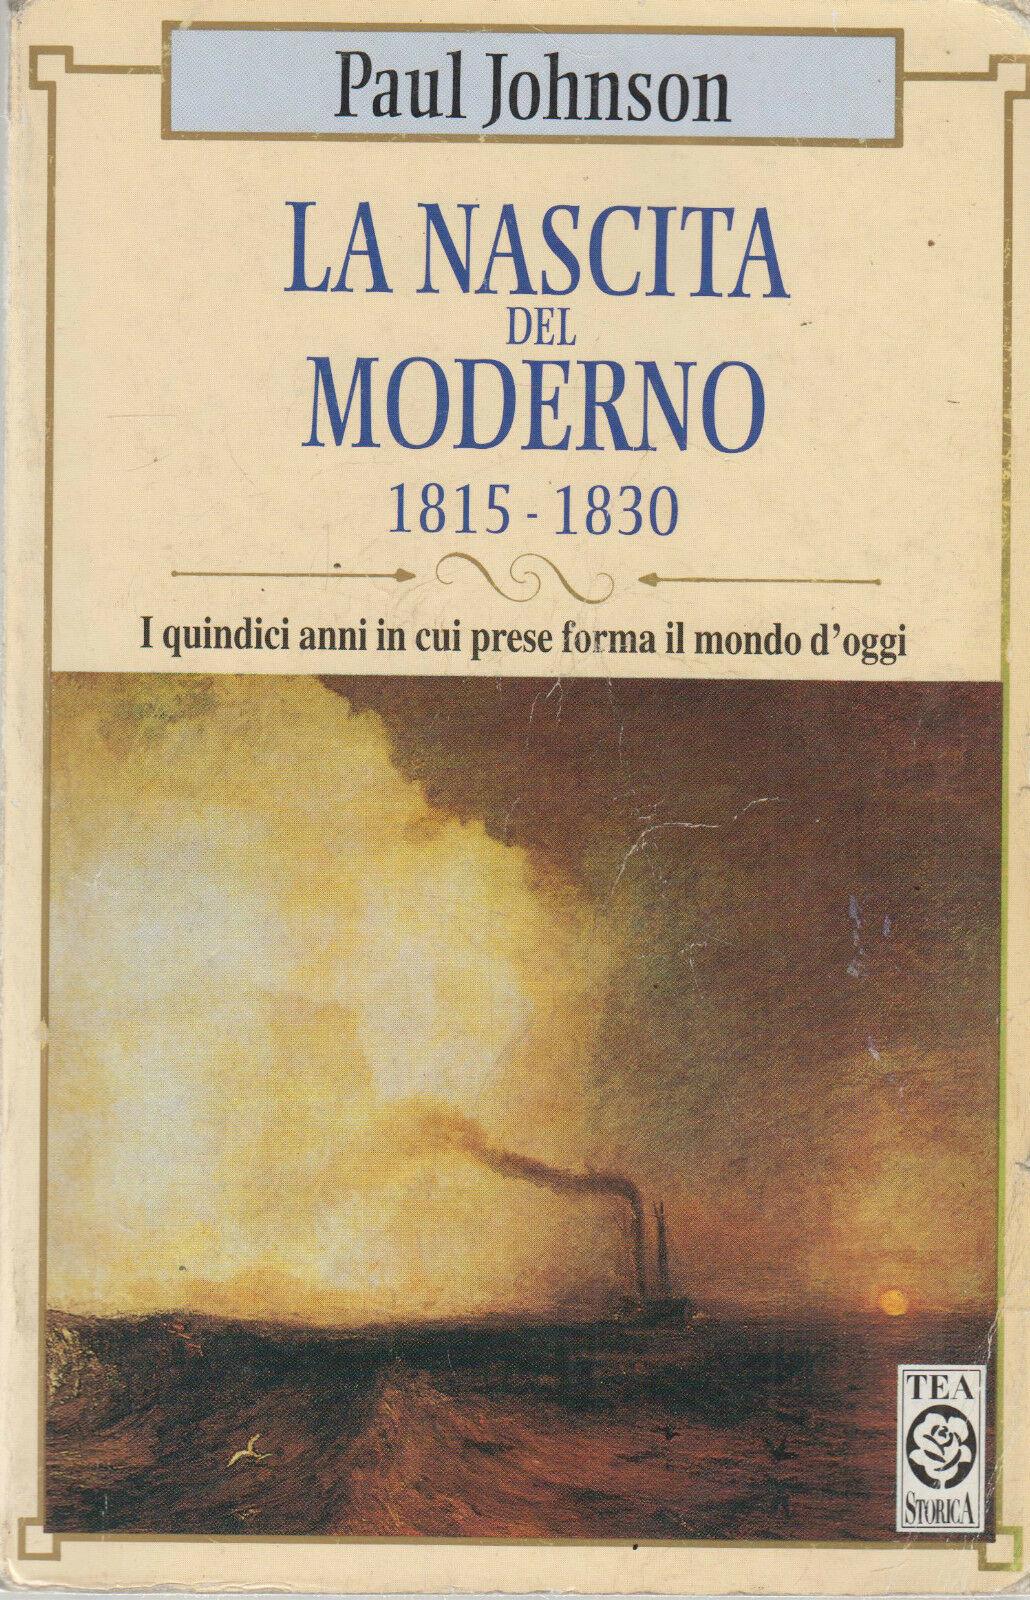 La nascita del moderno (1815-1830)